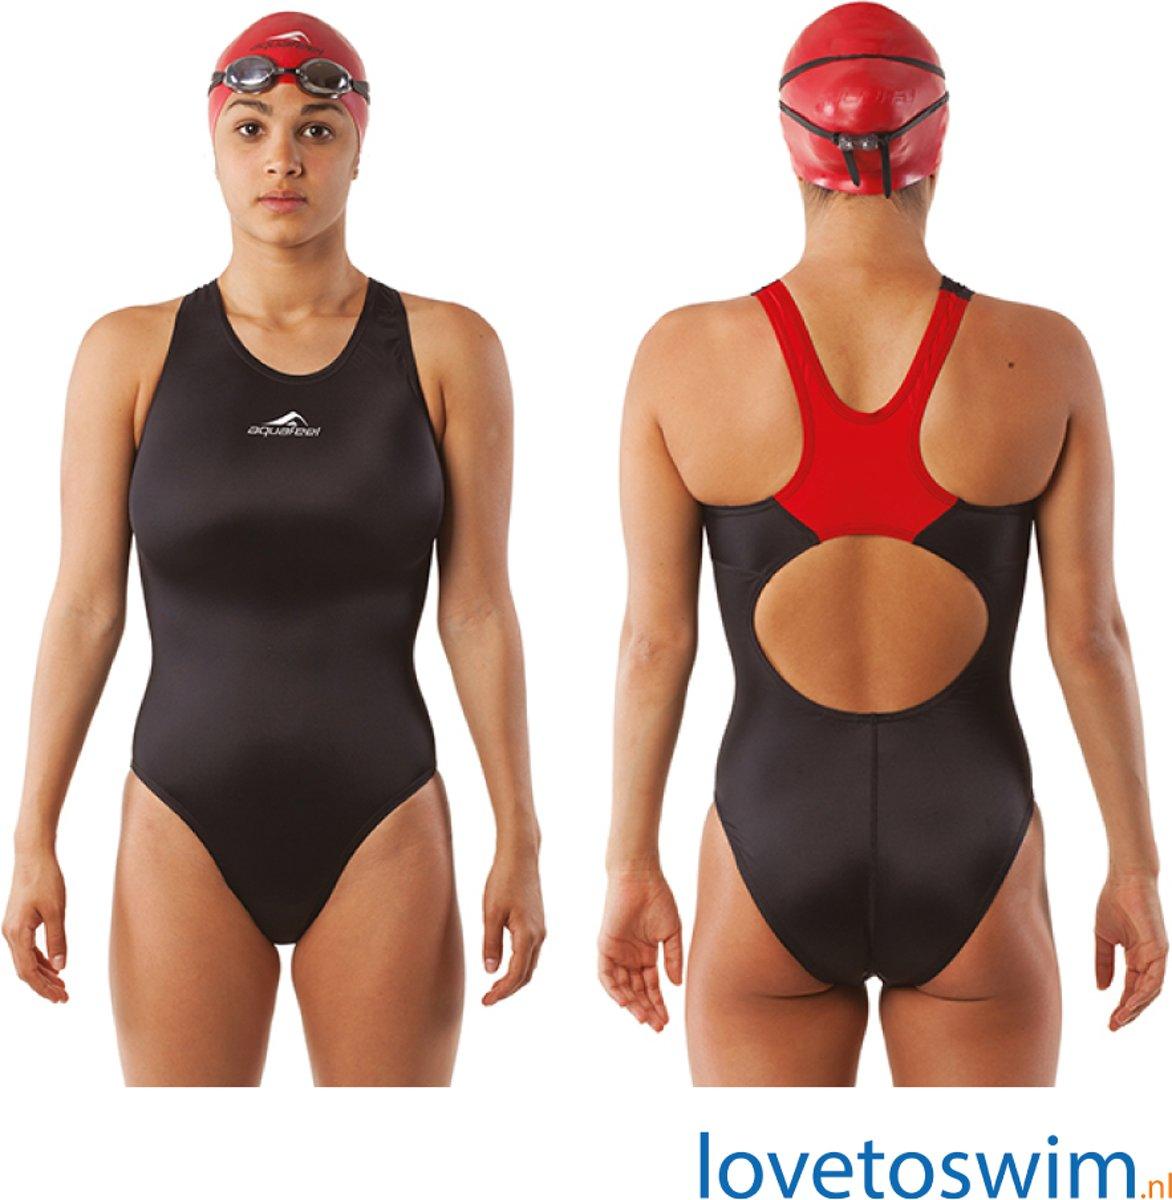 Aquafeel Comfort Back - Sportief badpak - Maat 44